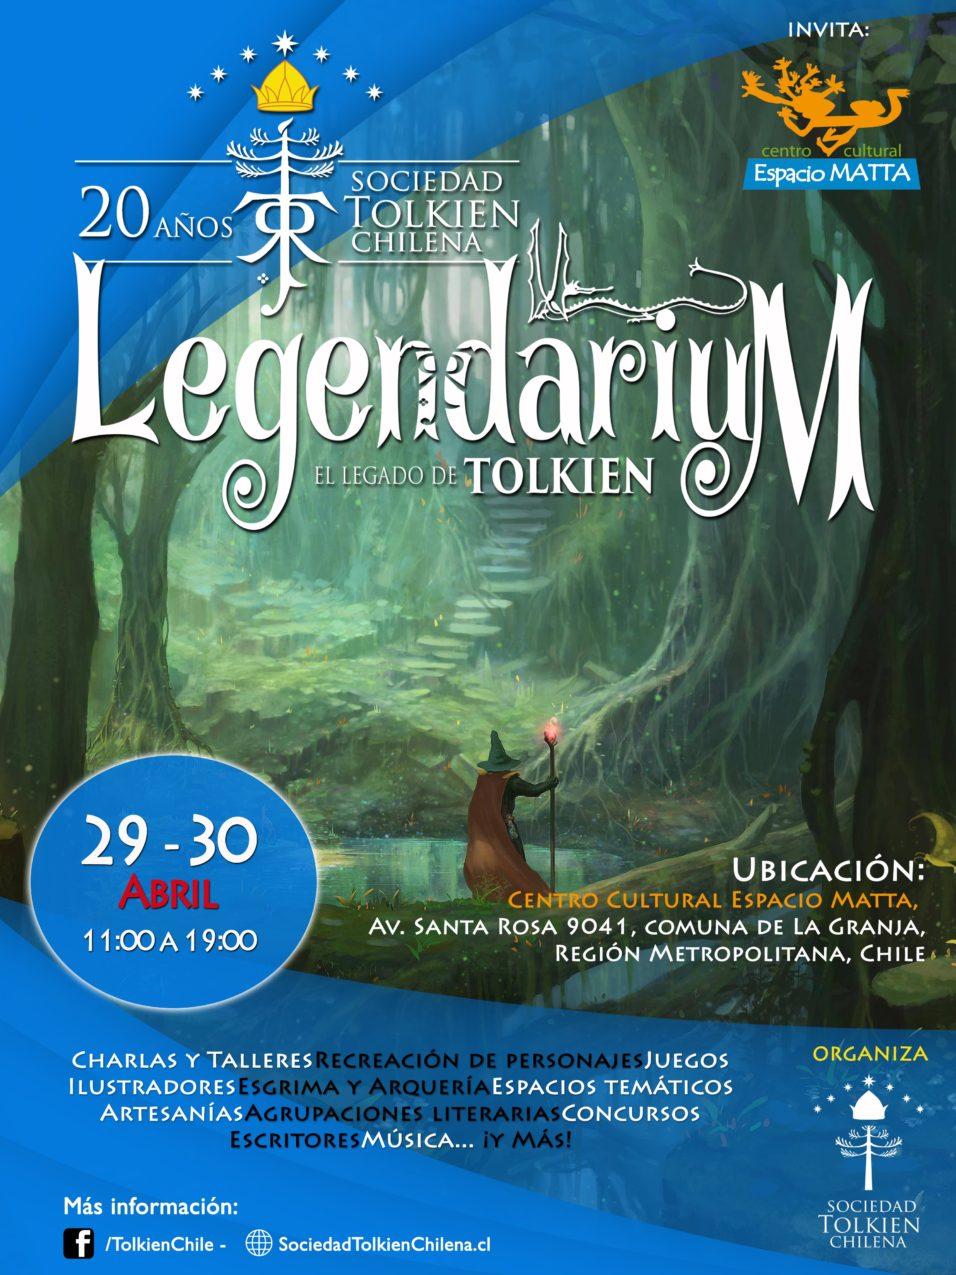 Legendarium 2017